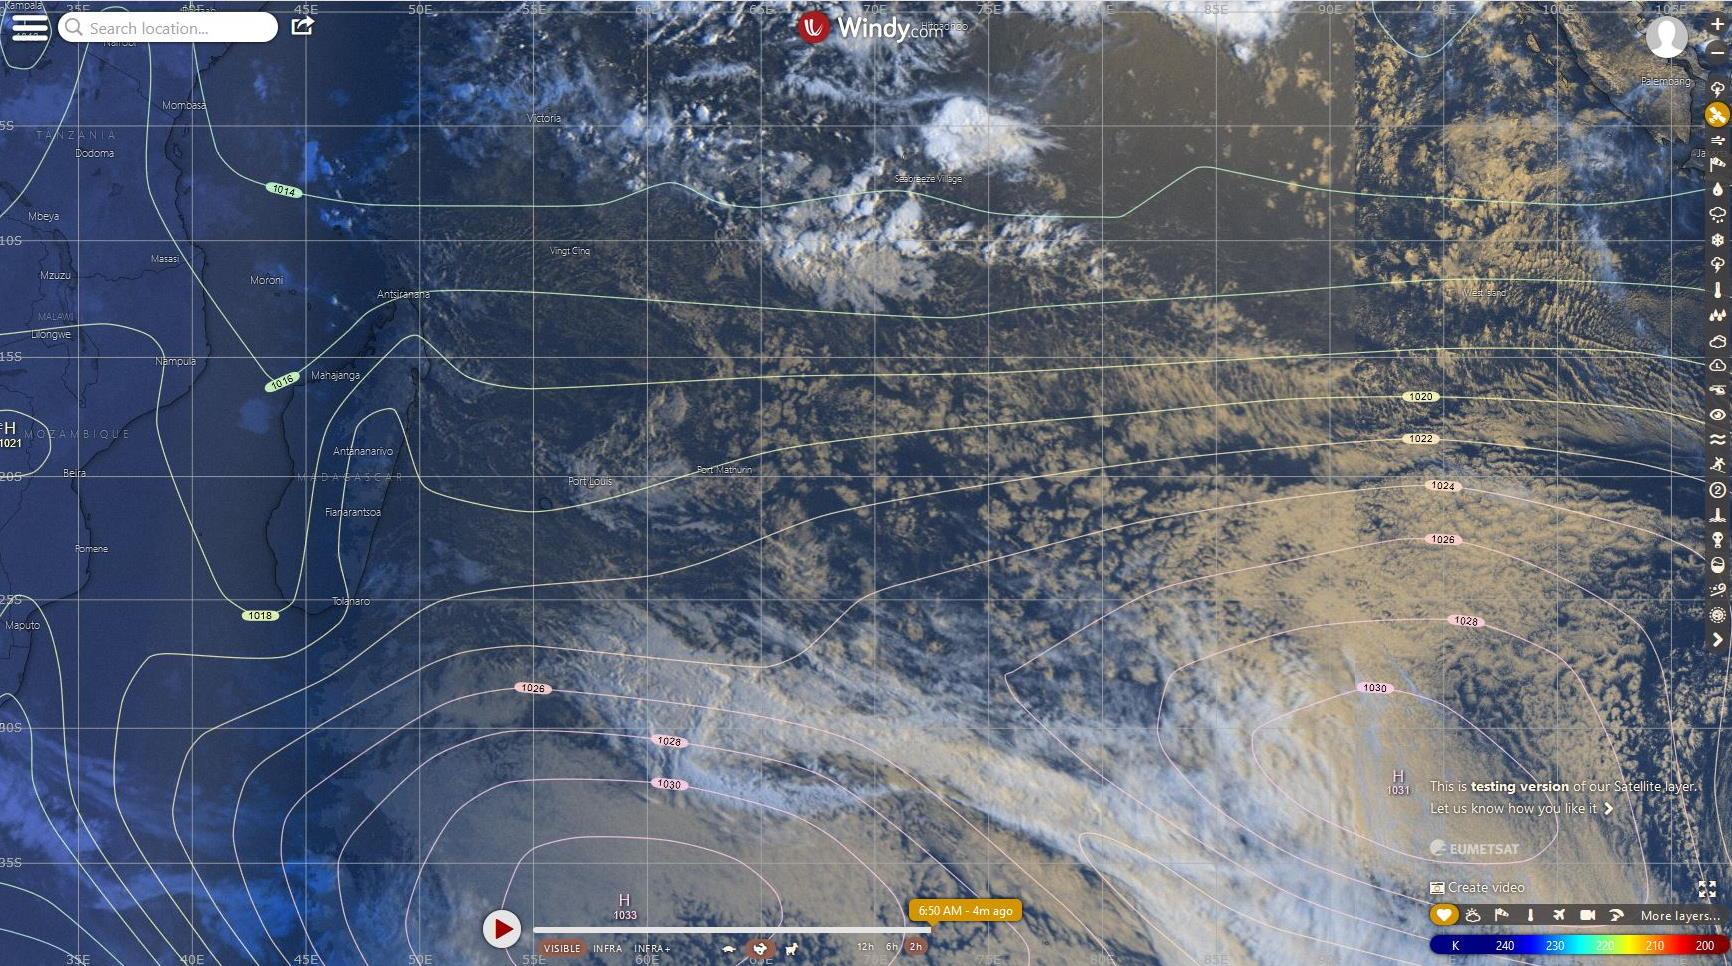 Analyse de surface sur le Sud Indien du modèle européen avec la photo satellite de 6h. WINDY